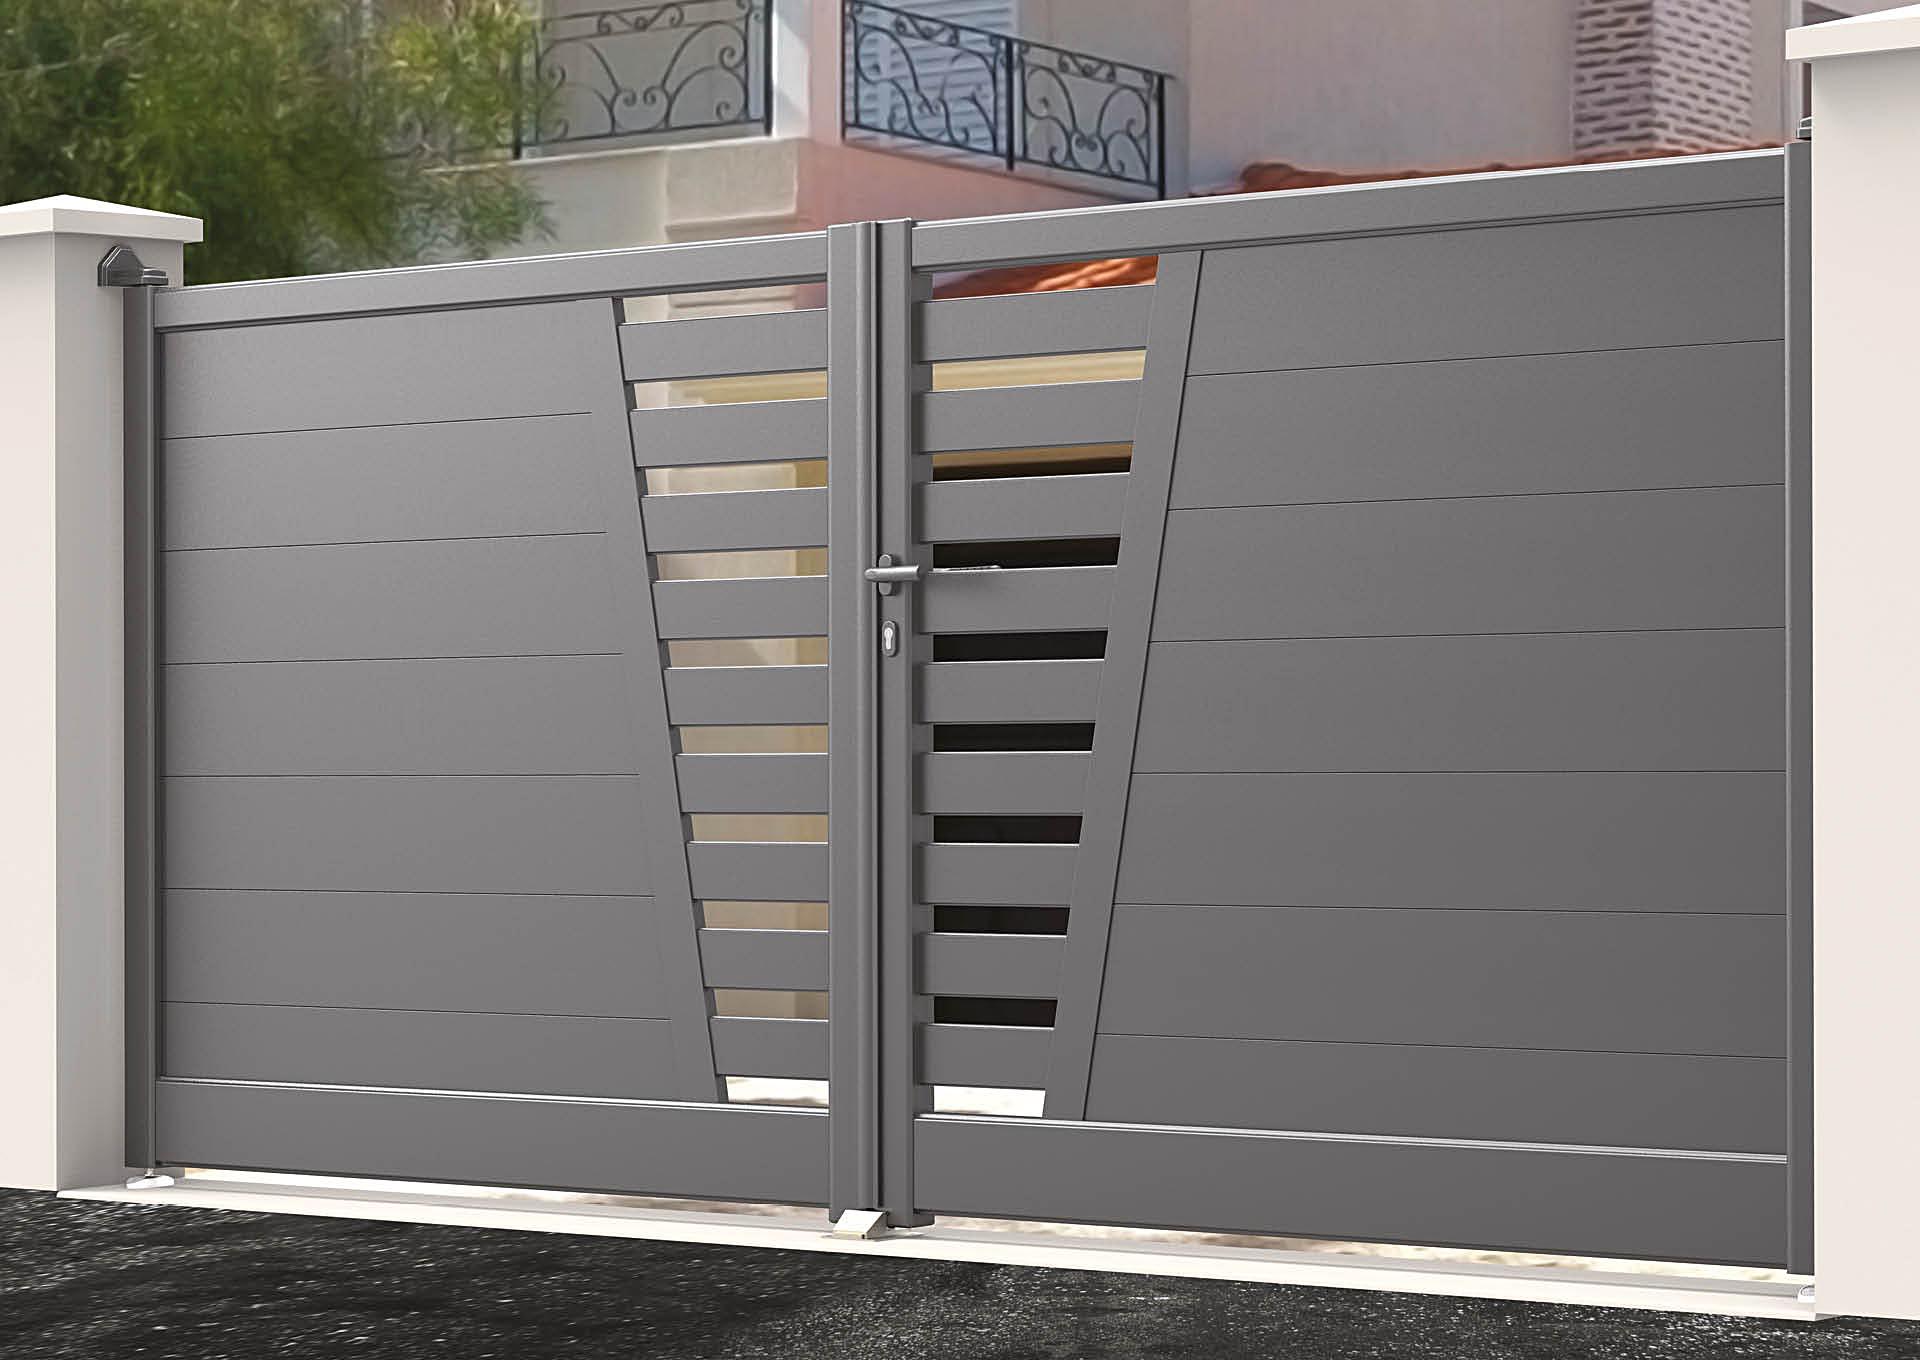 Portail battant en aluminium 9050_B_P2LE Lames horizontales 200mm + décor lames espacées